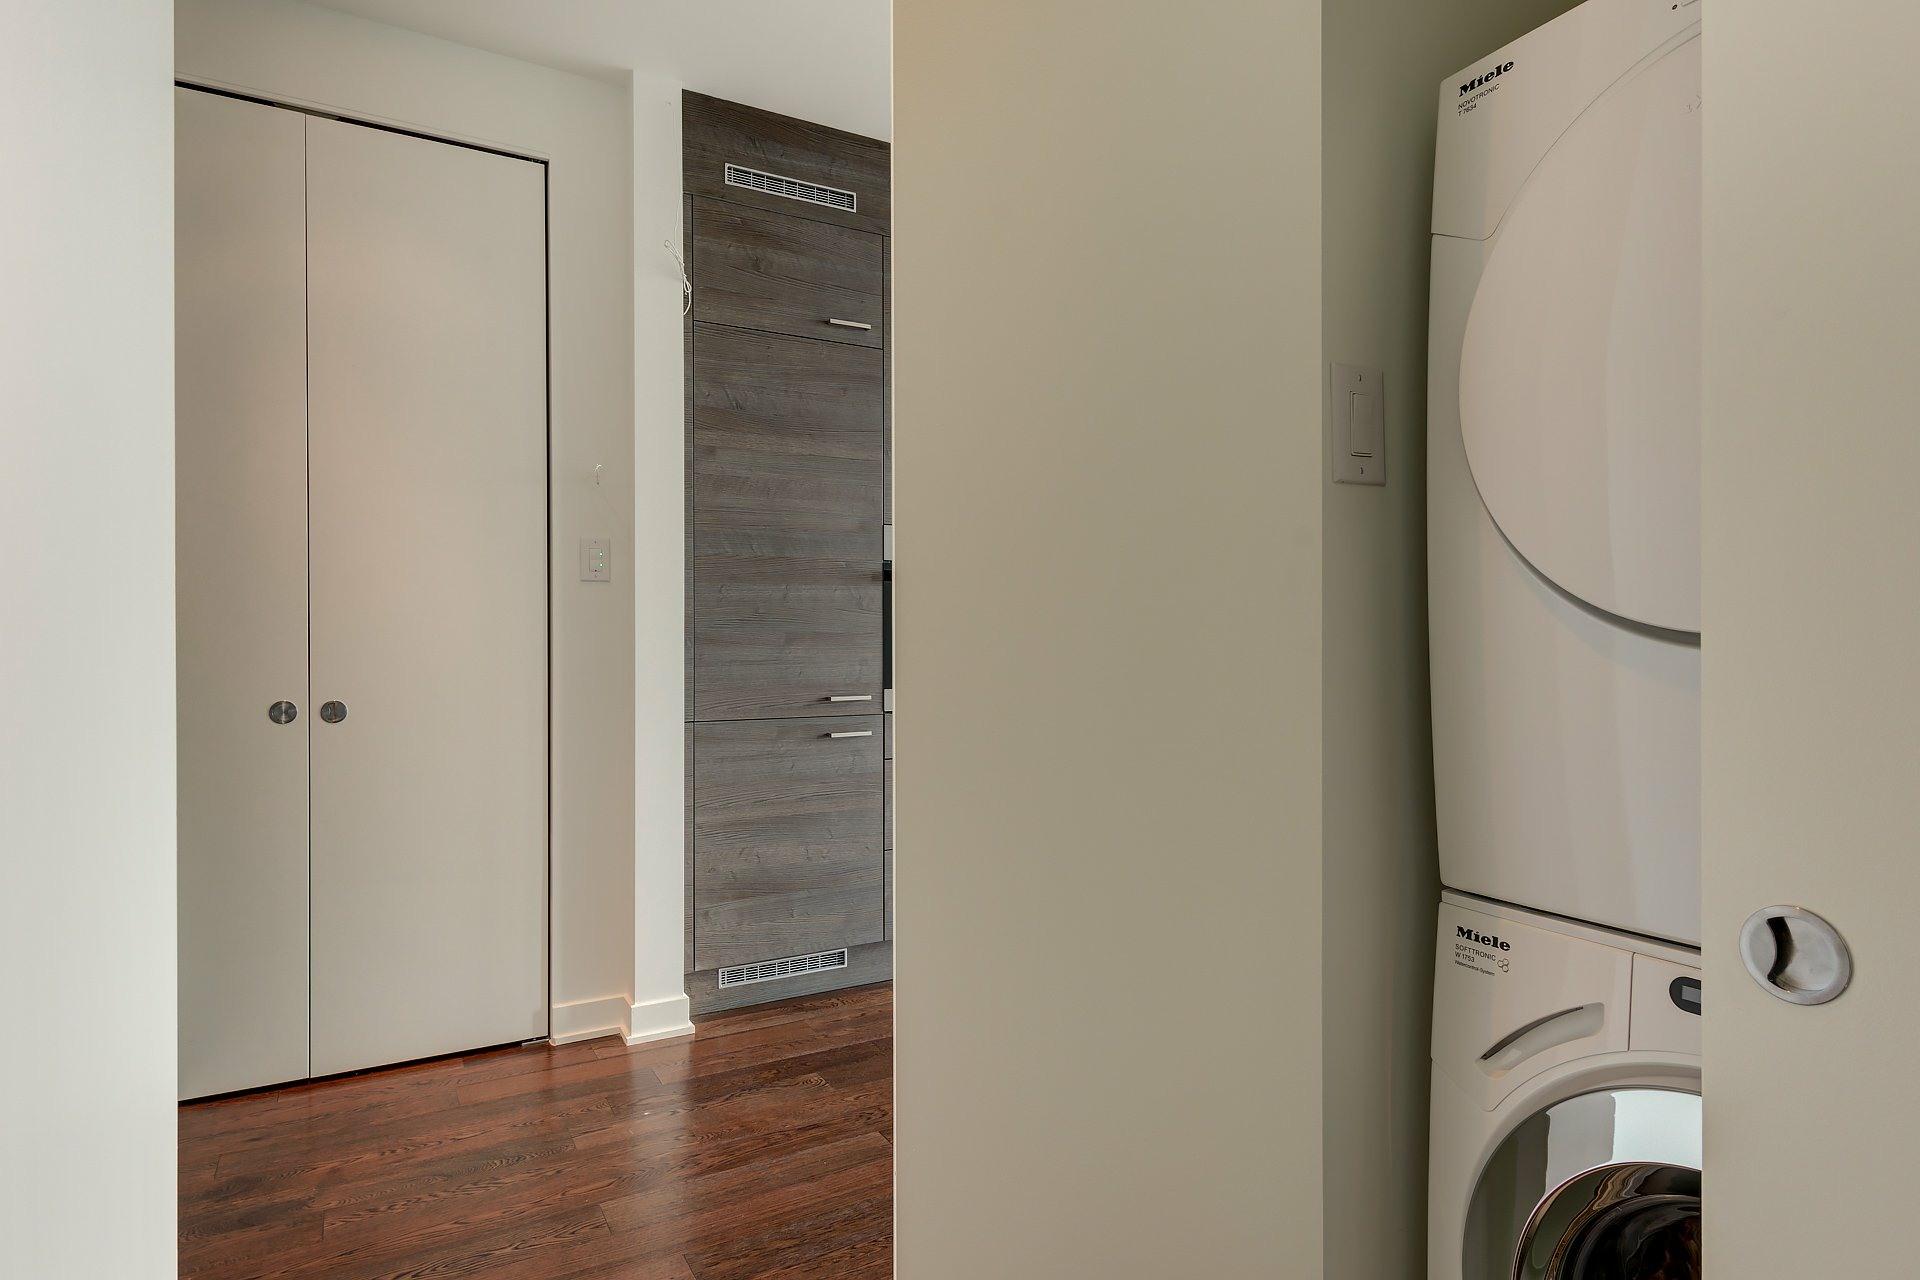 image 11 - Apartment For rent Ville-Marie Montréal  - 4 rooms